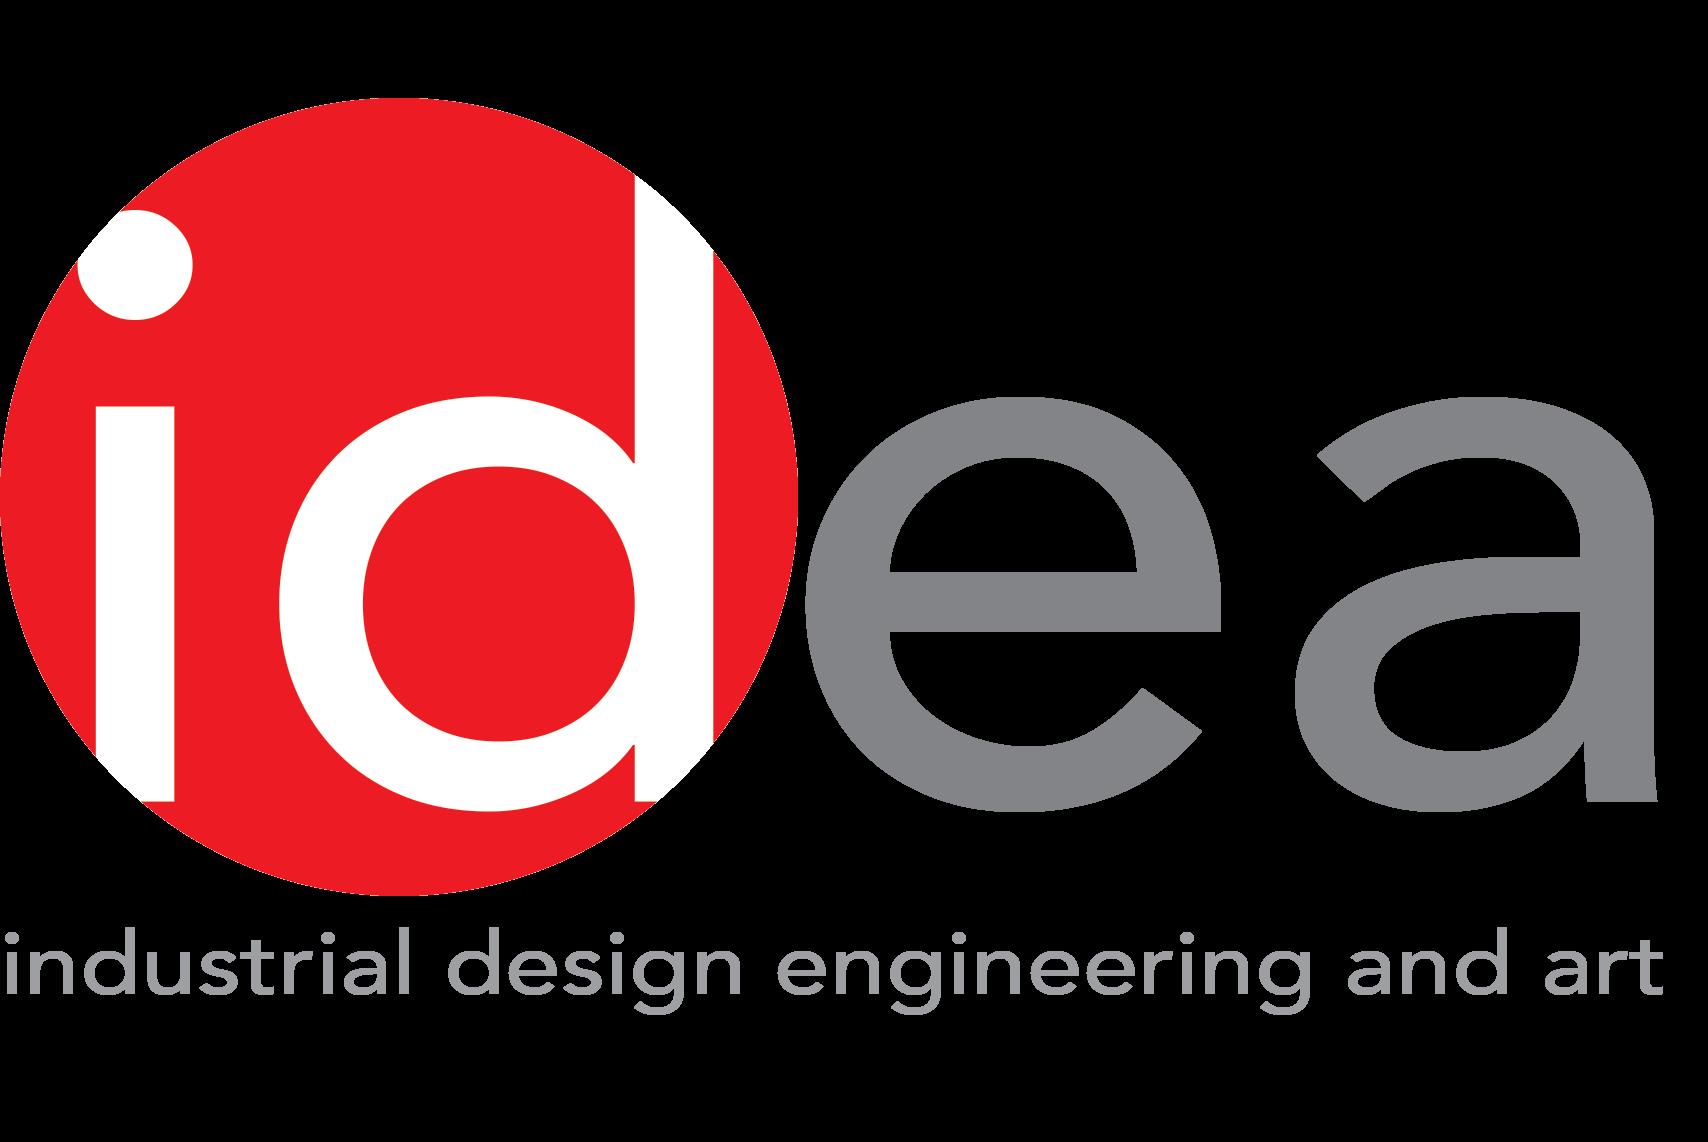 idea_logo.png